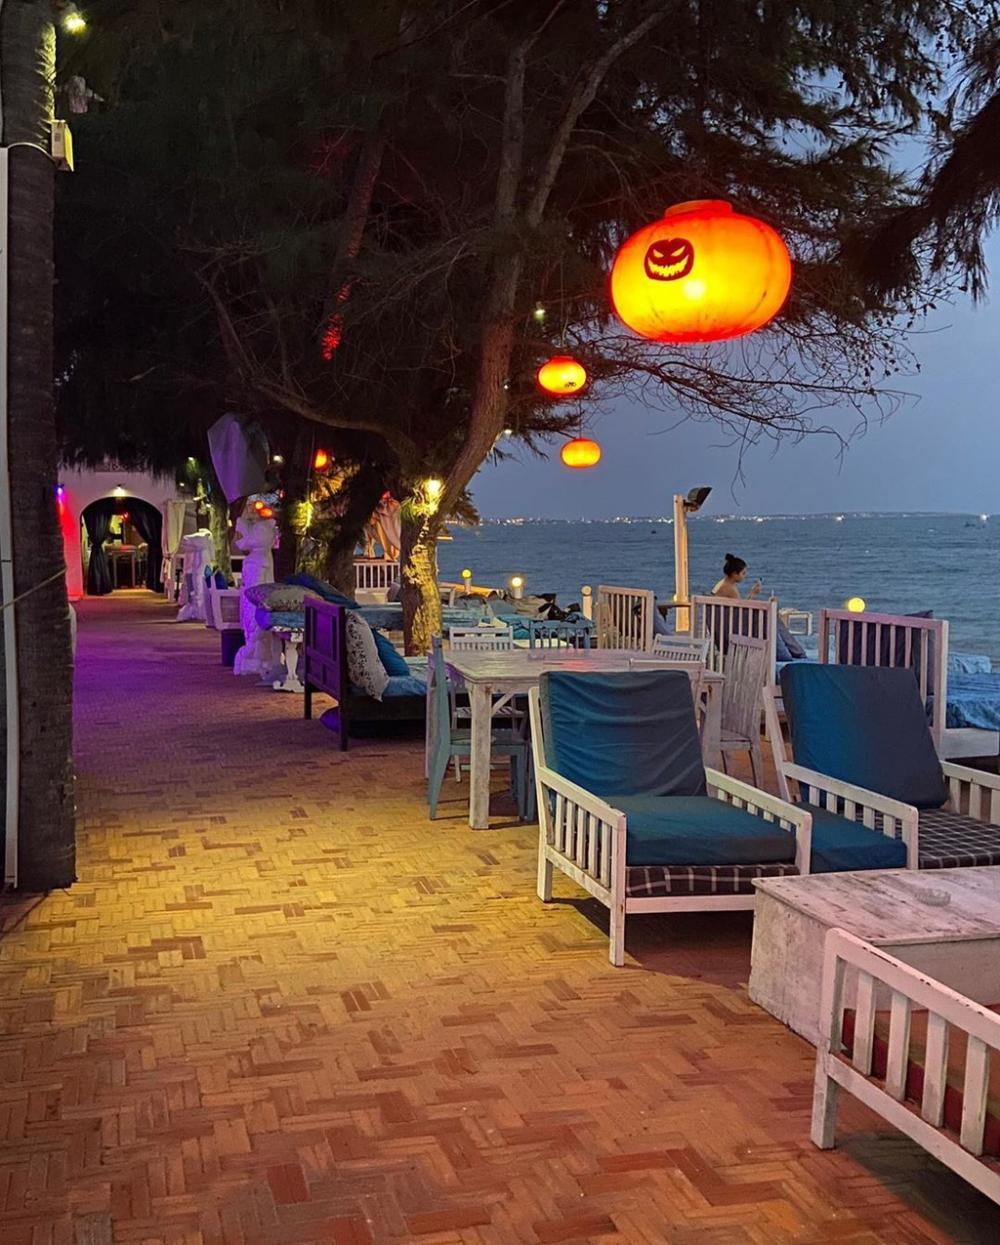 Dragon Beach Bar là một quán bar nổi tiếng ở Mũi Né. Quán được thiết kế hai không gian bên trong và bên ngoài. Bên trong thích hợp với các bạn thích không gian kín, có quầy DJ và có bàn đứng. Còn bên ngoài khá lý tưởng với những bạn vừa muốn nghe nhạc, vừa ngắm sóng biển với những bàn nhỏ được bố trí gần biển. Ảnh: Chinchinxin, Trangmilk99.